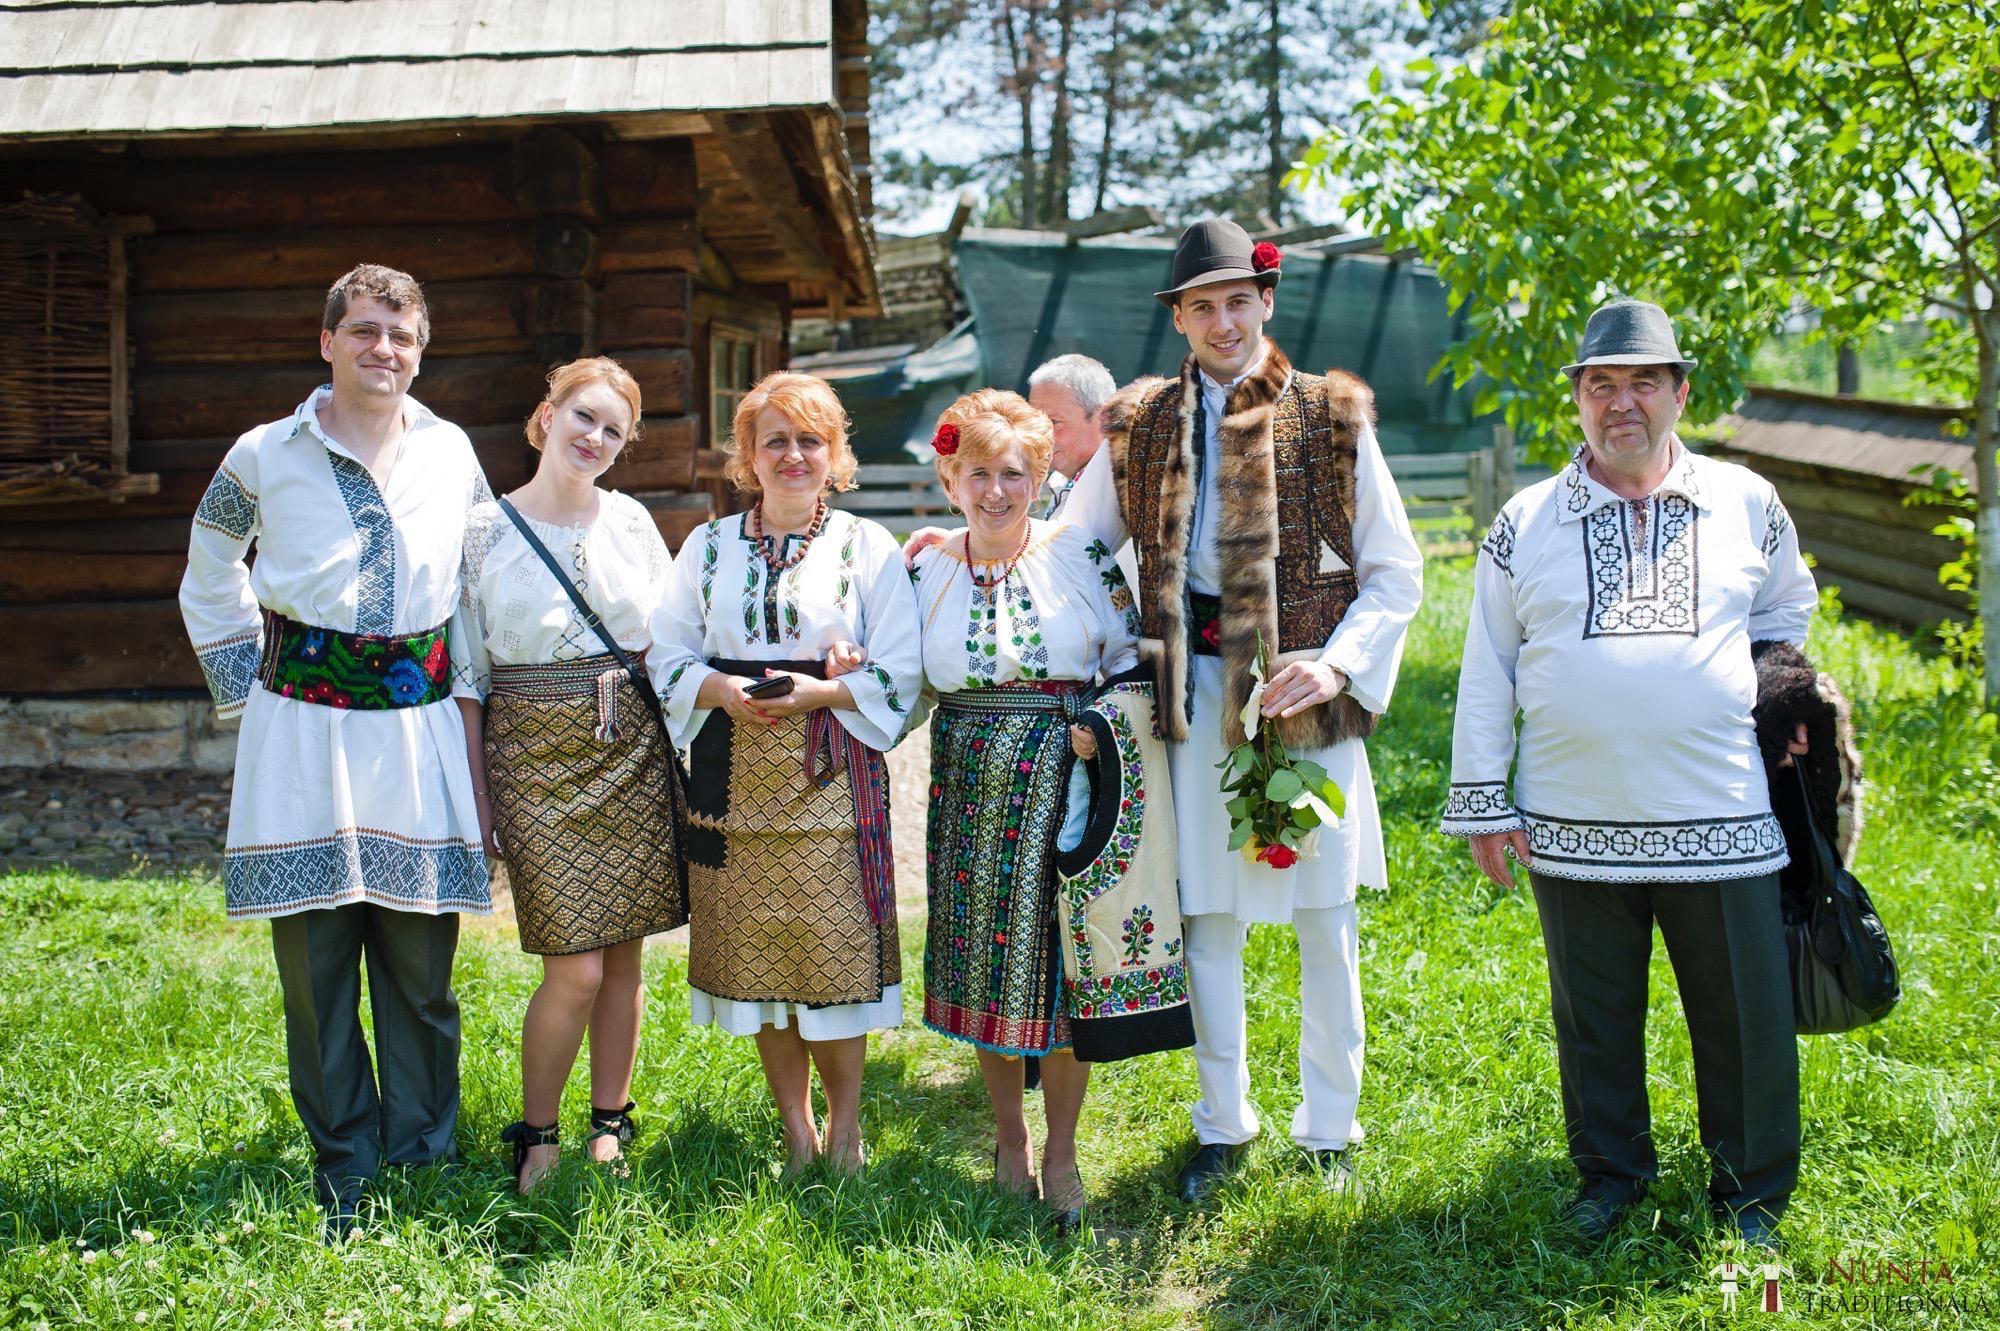 Povești Nunți Tradiționale - Gabriela și Mădălin - Nuntă Tradițională în Suceava, Bucovina 99